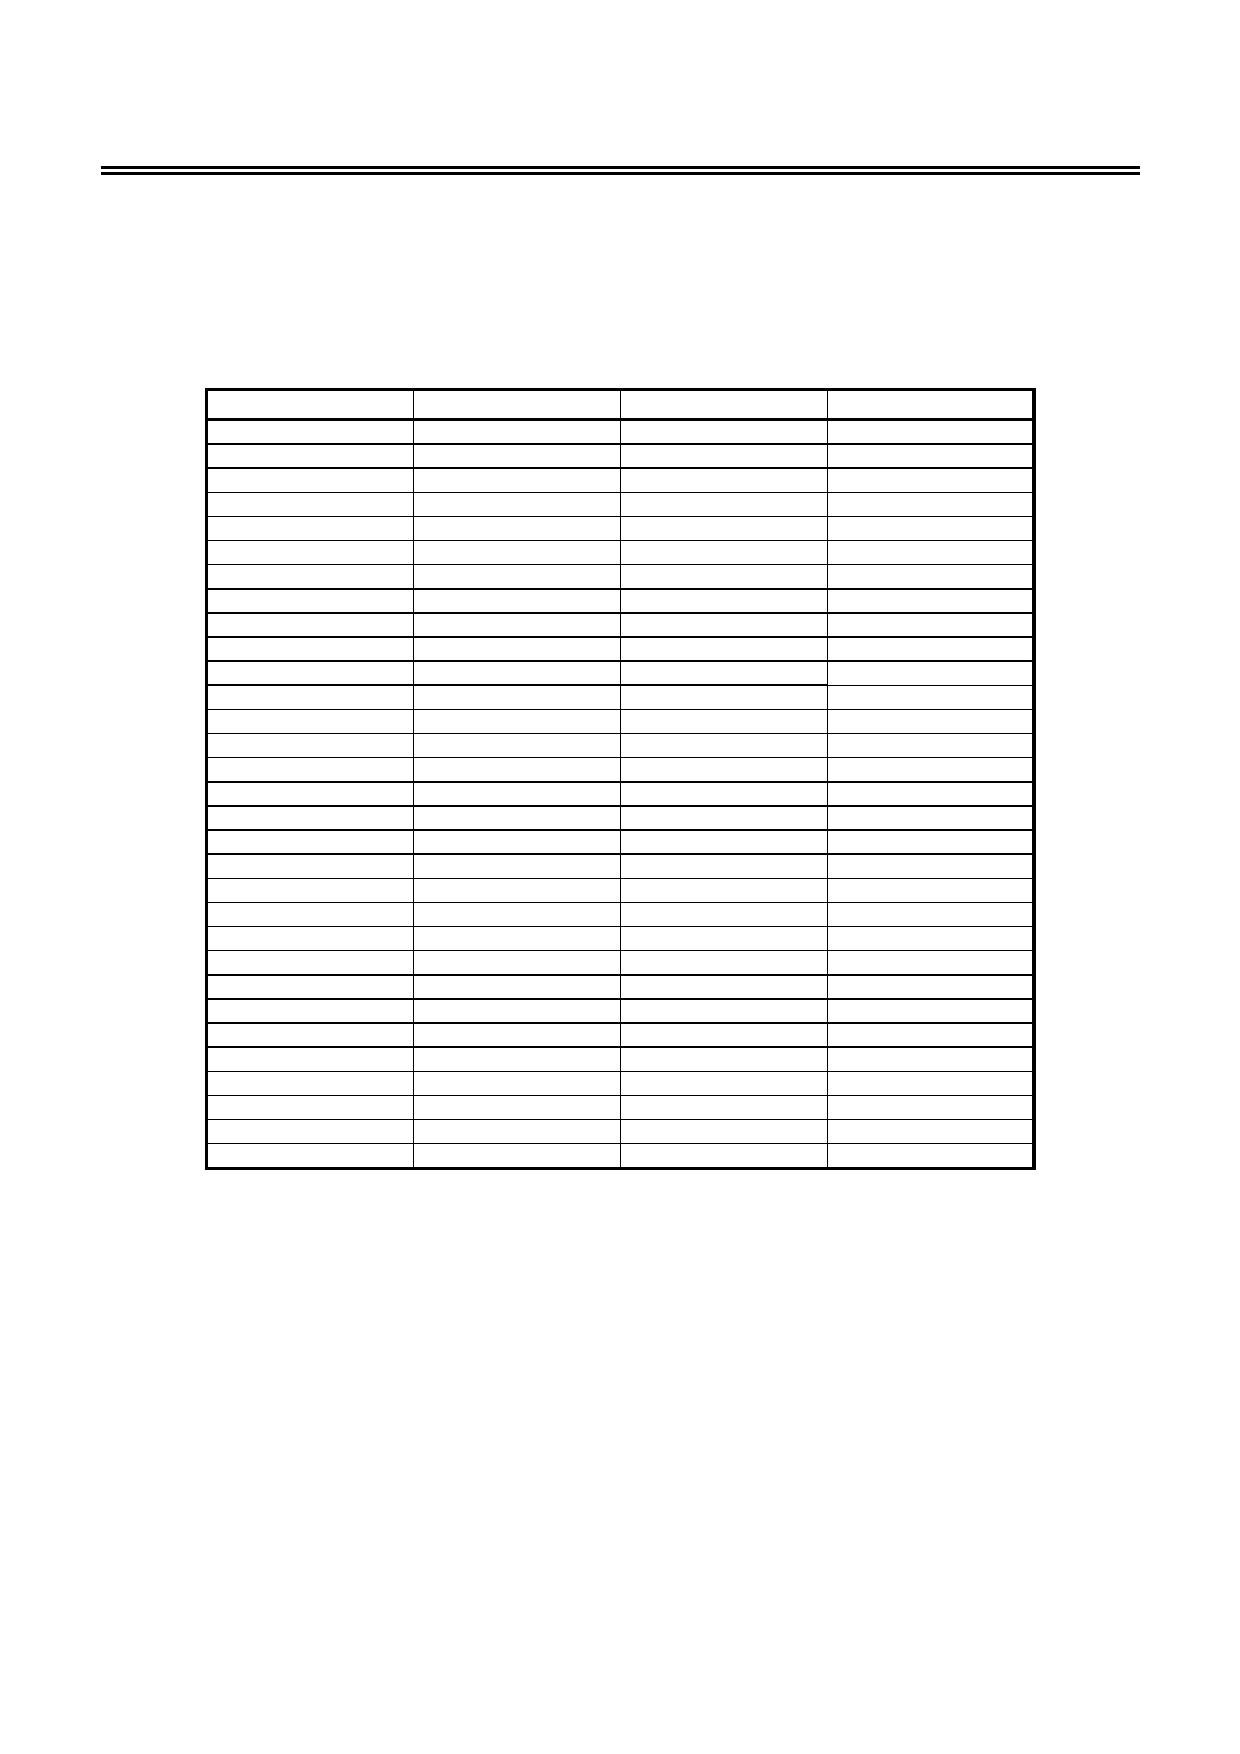 S-13R1 pdf